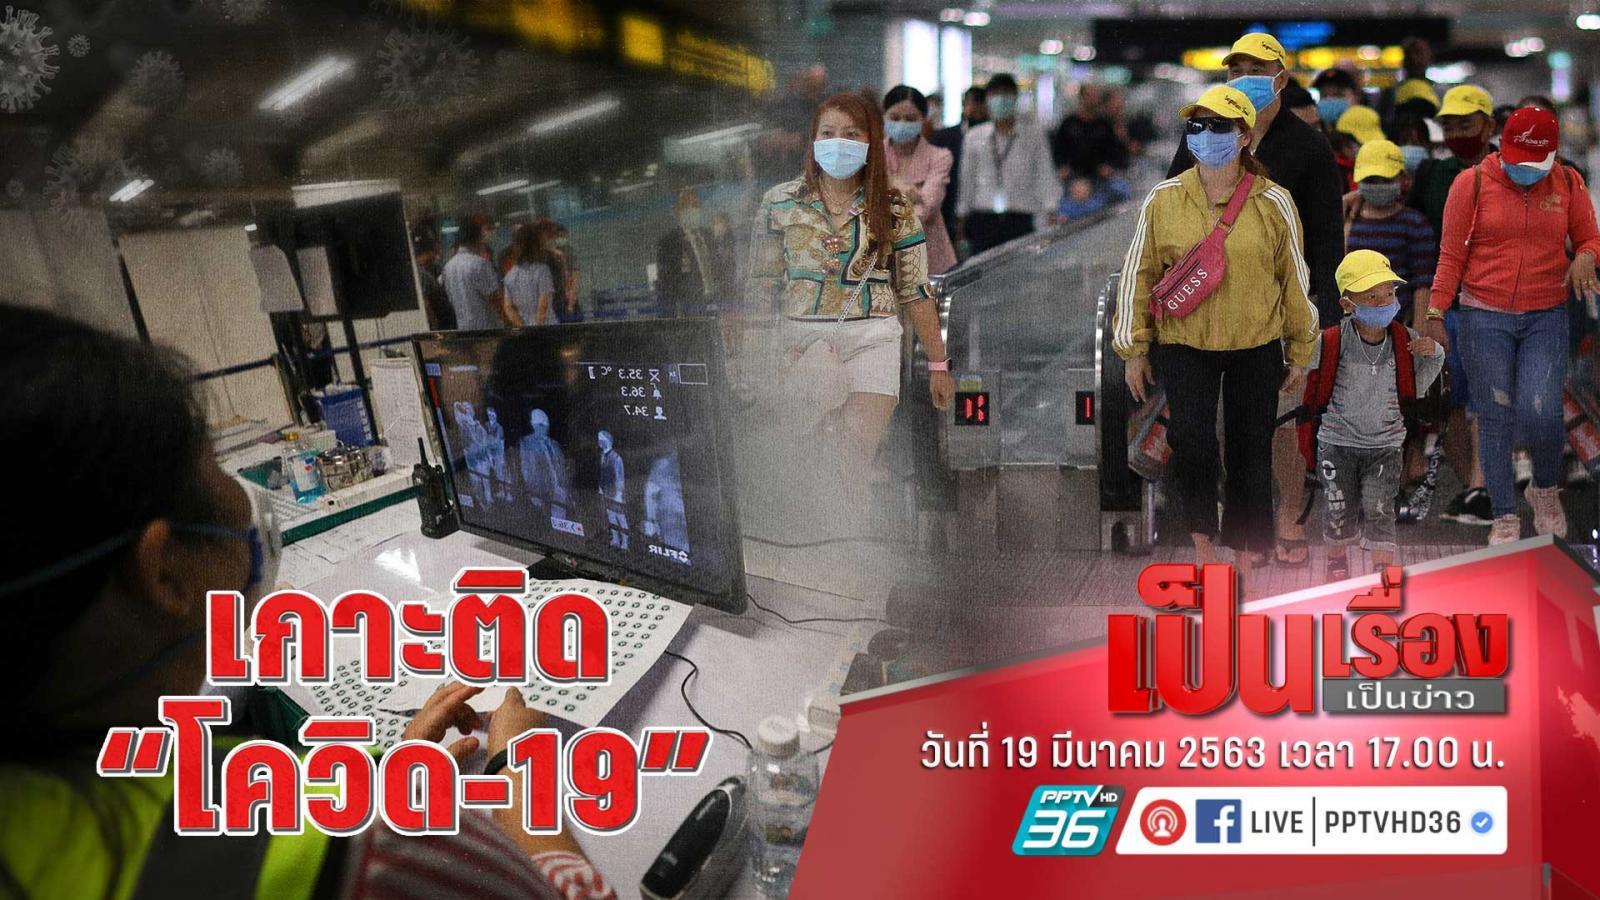 """""""สาธารณสุข"""" ยันระบบตรวจคัดกรองสนามบินเข้มข้นทุกจุด ชี้การปิดประเทศไม่สามารถแก้ไขปัญหาได้."""